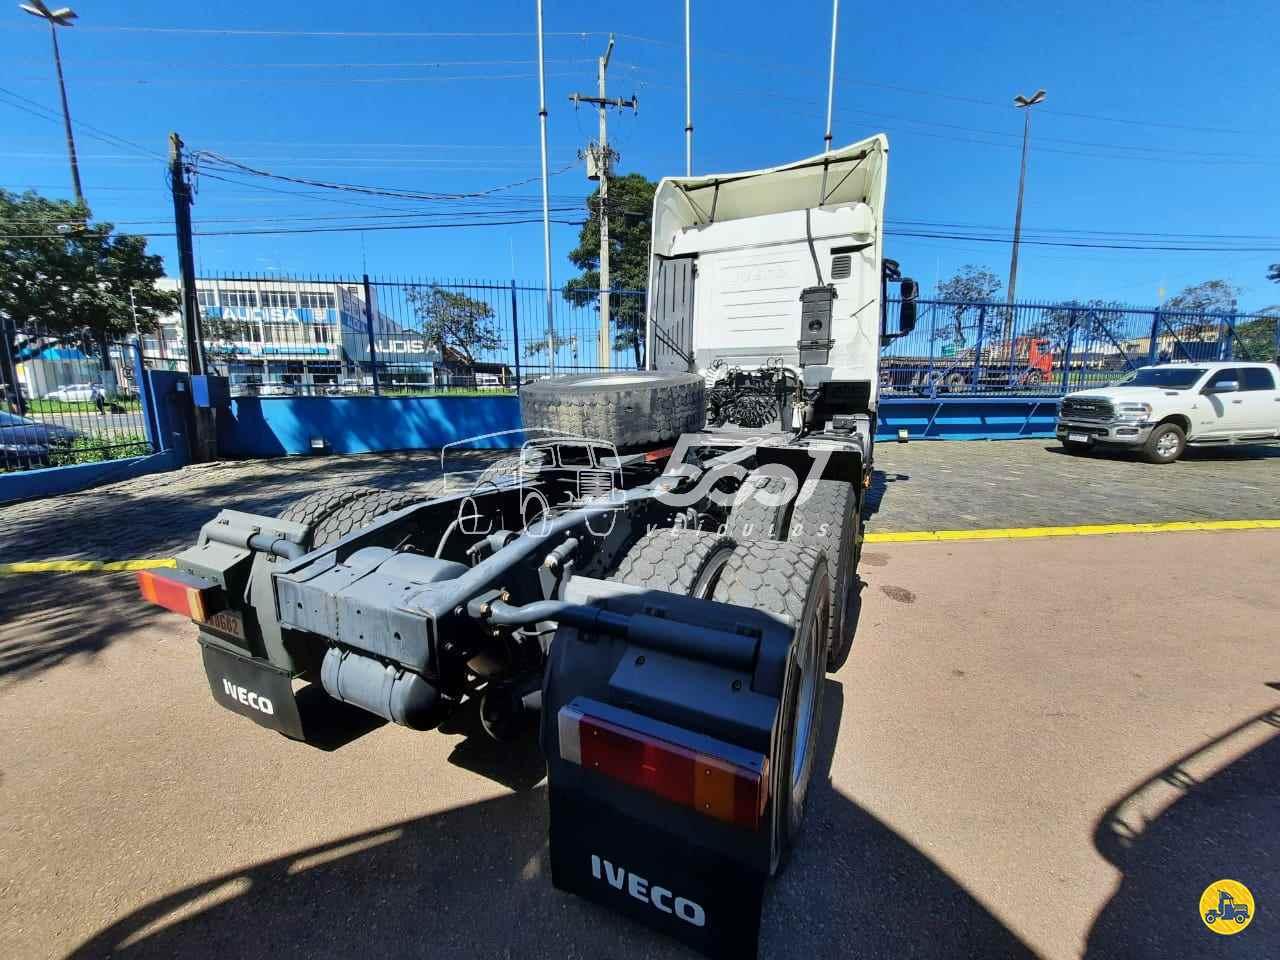 IVECO STRALIS 480 162592km 2018/2019 5001 Veículos - Ponta Grossa